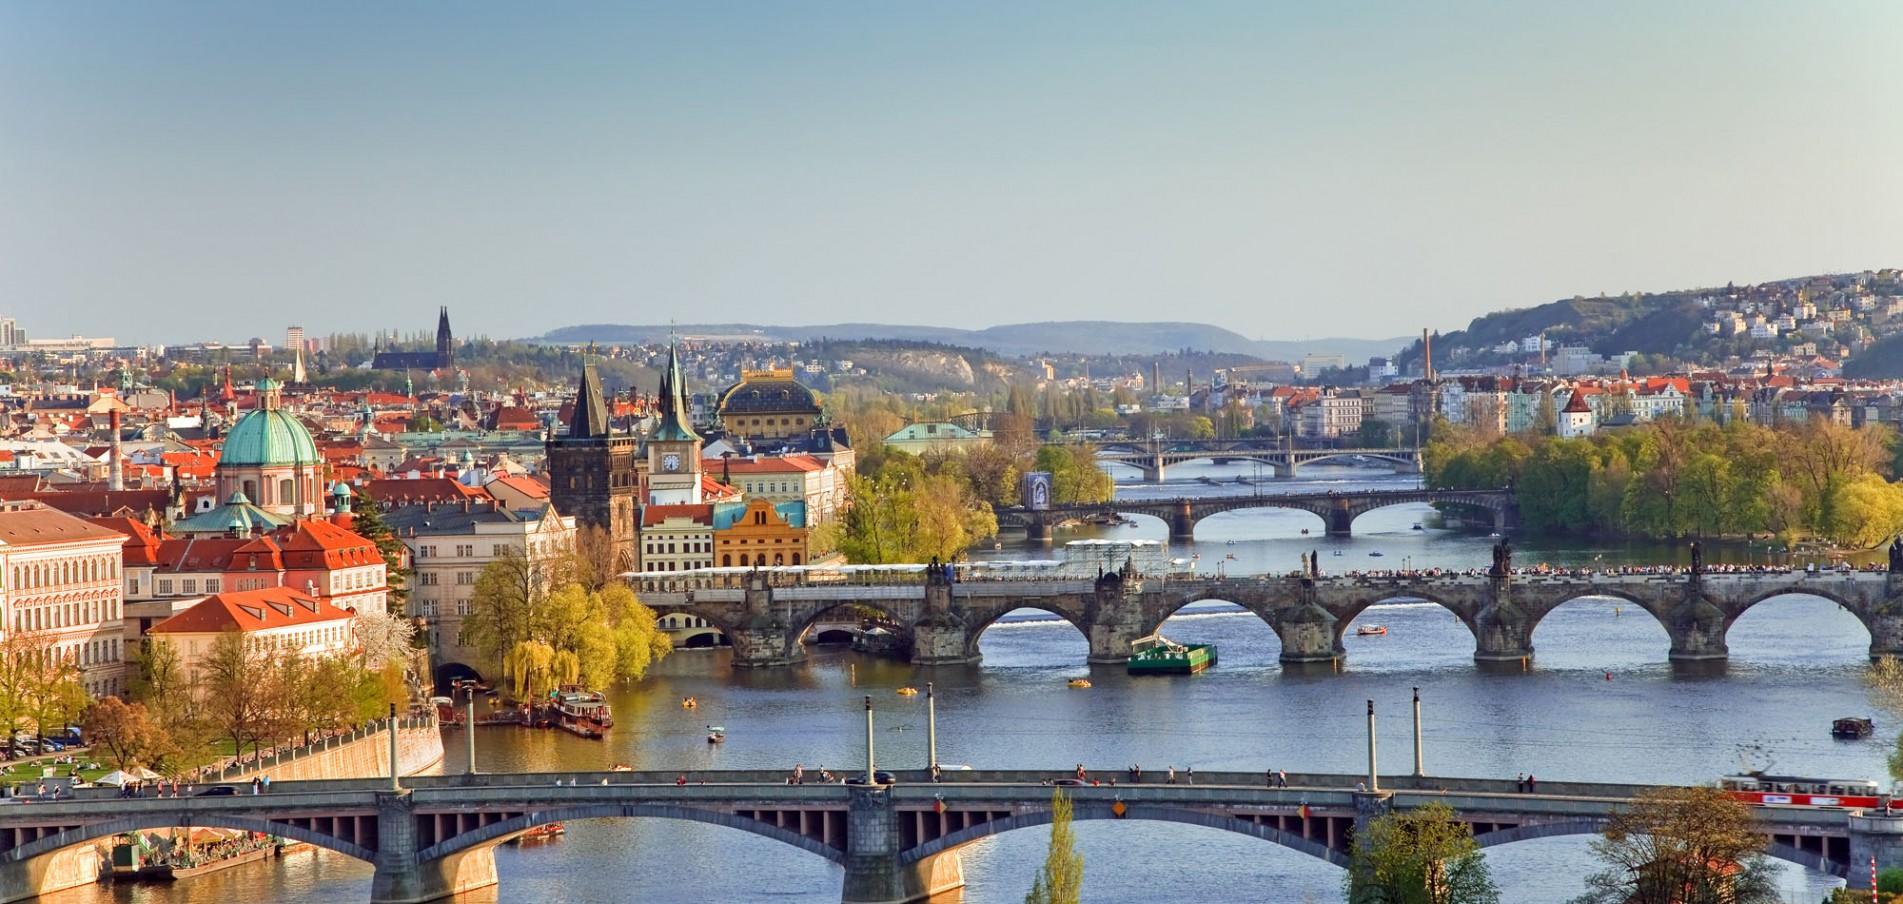 Willkommen in Prag ... der goldenen Stadt an der Moldau!